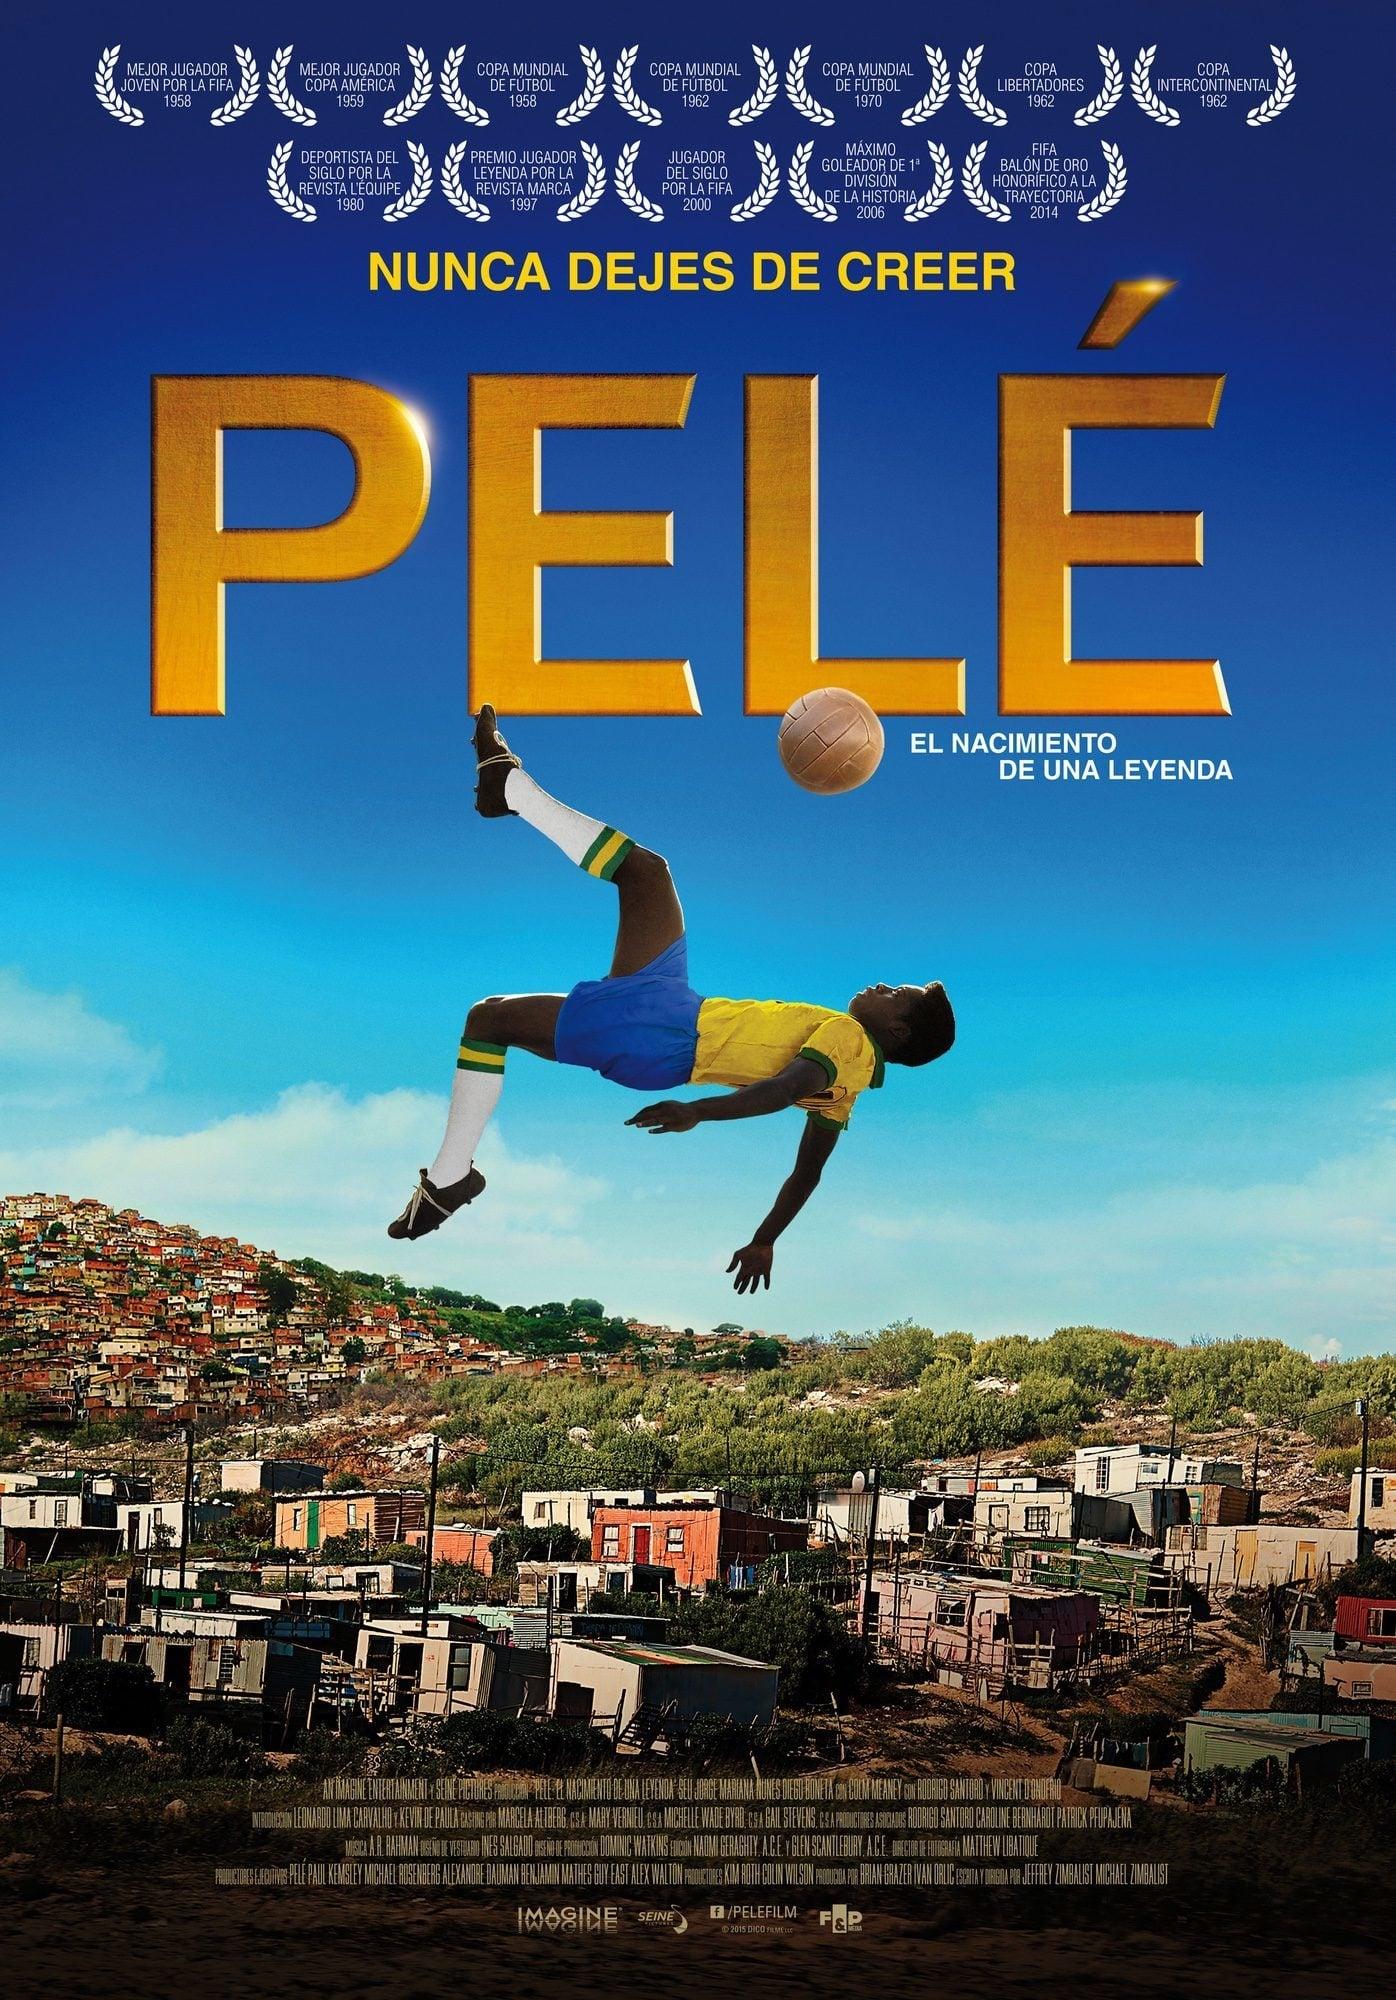 Pelé, el nacimiento de una leyenda poster